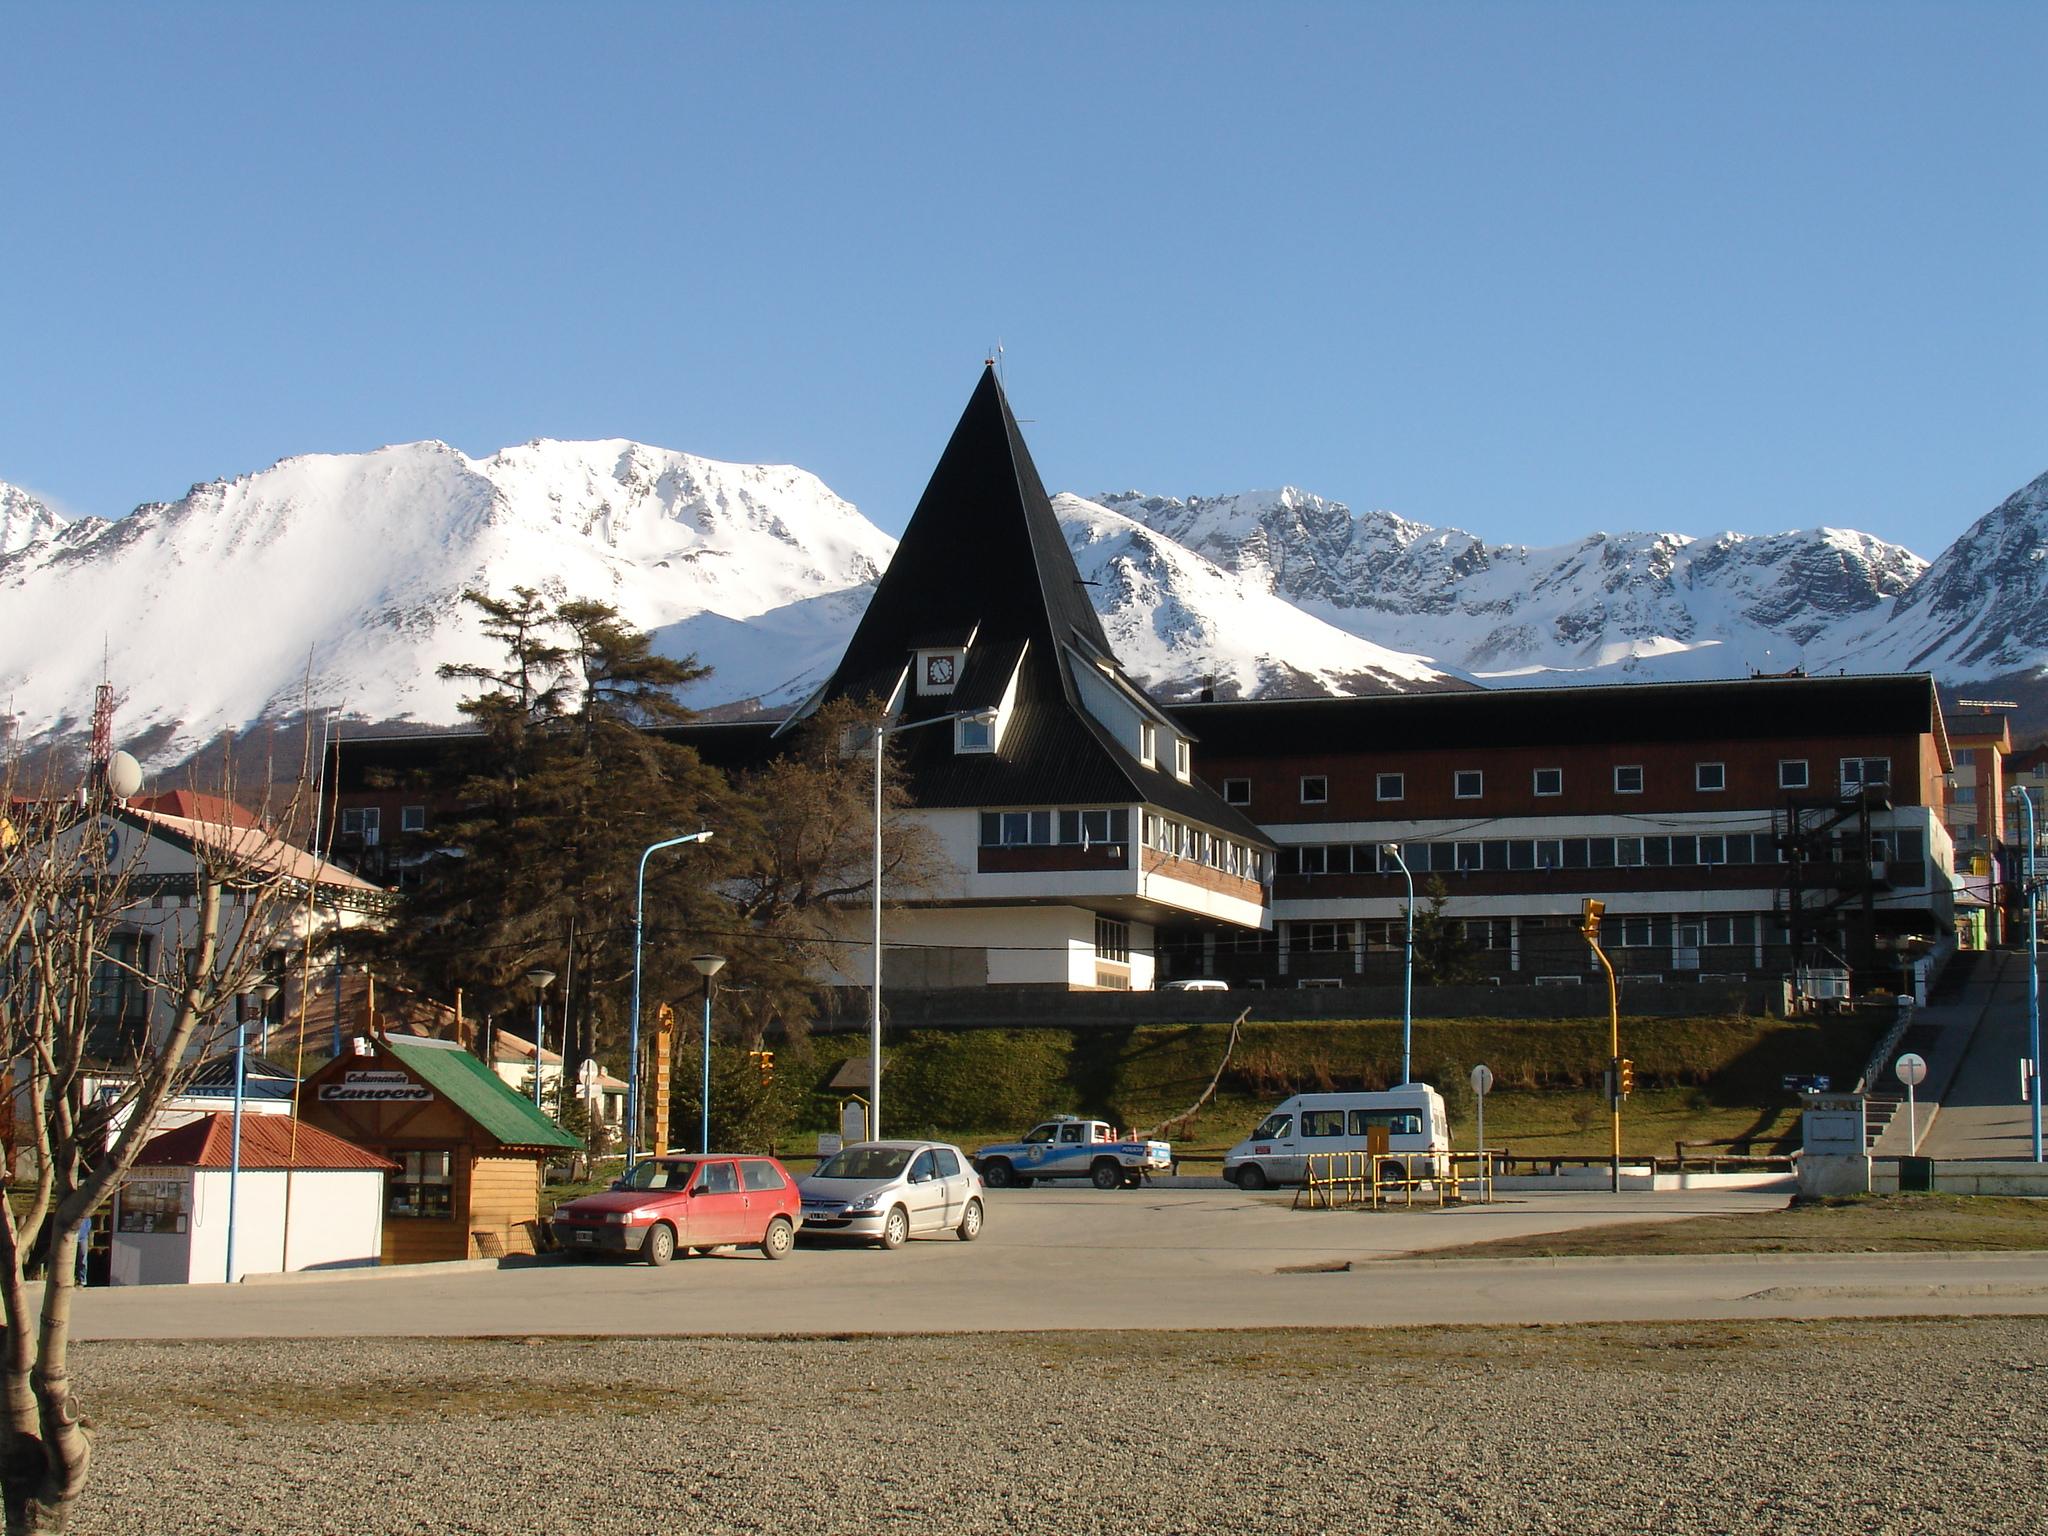 Provincia De Tierra Del Fuego Antartida E Islas Del Atlantico Sur